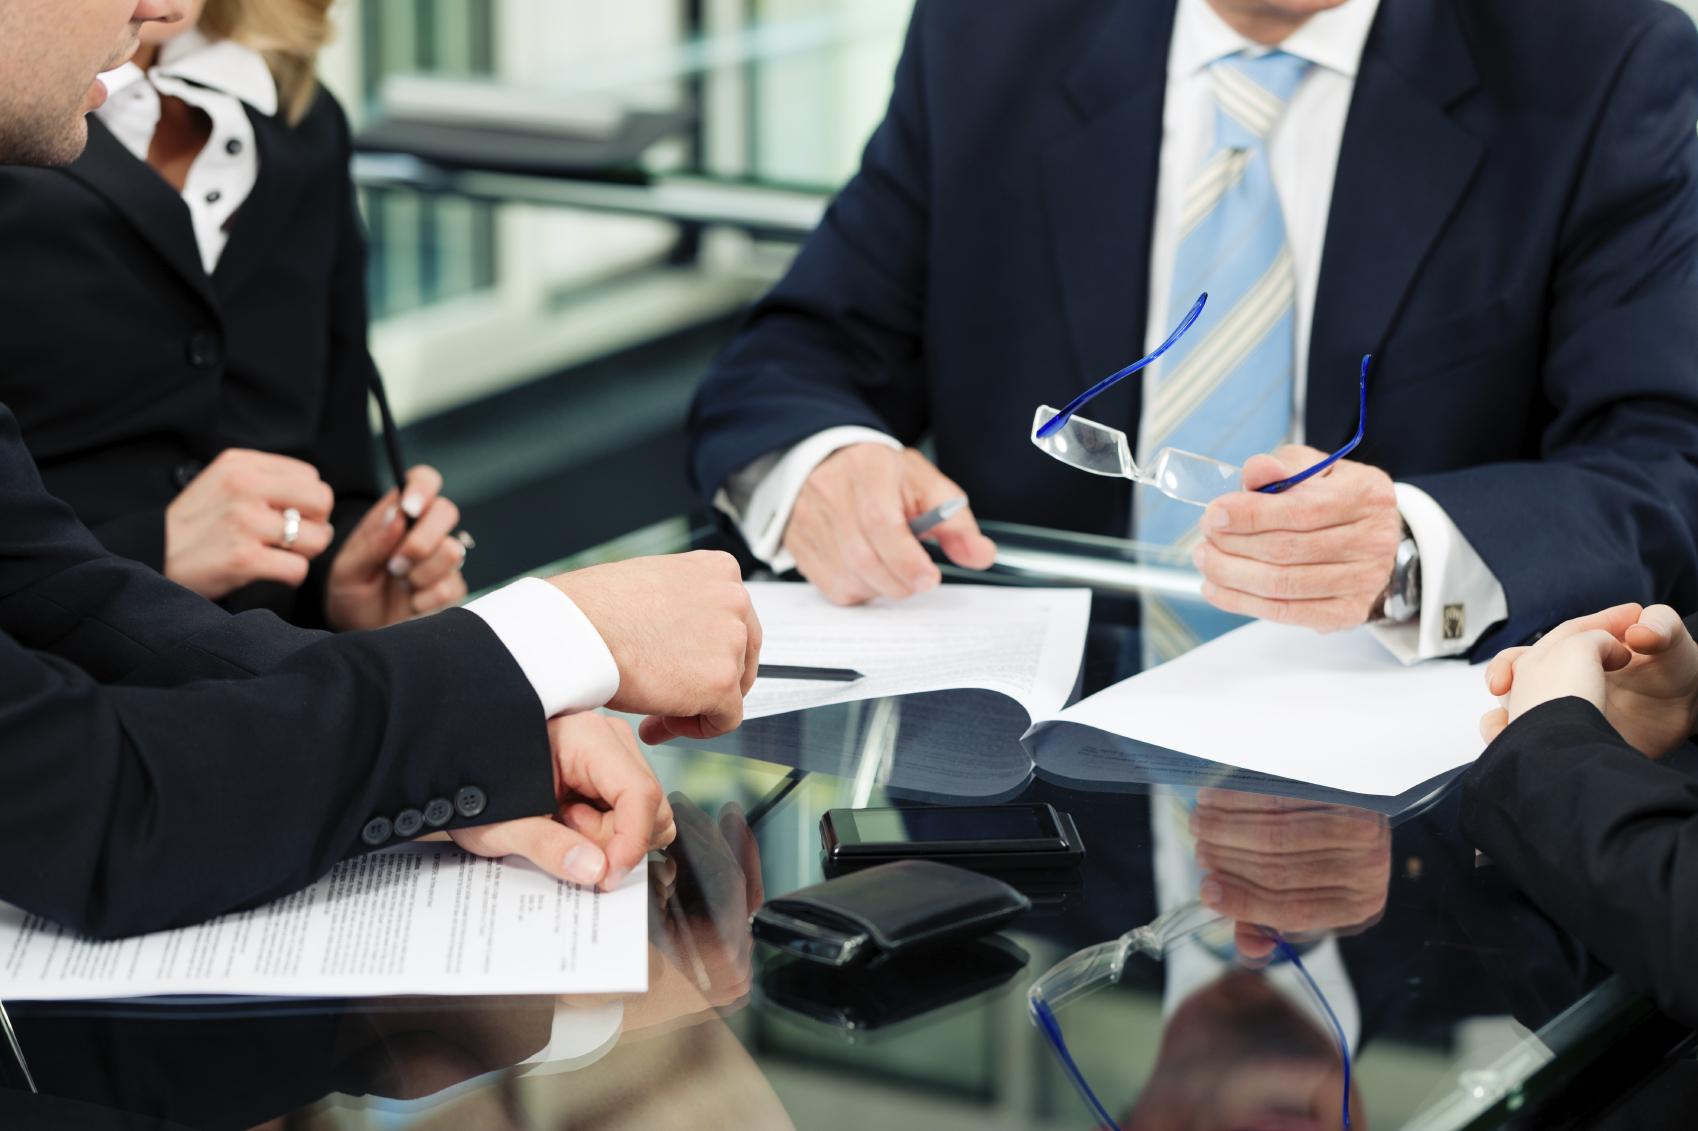 Образец доверенность от должностного лица по административному делу